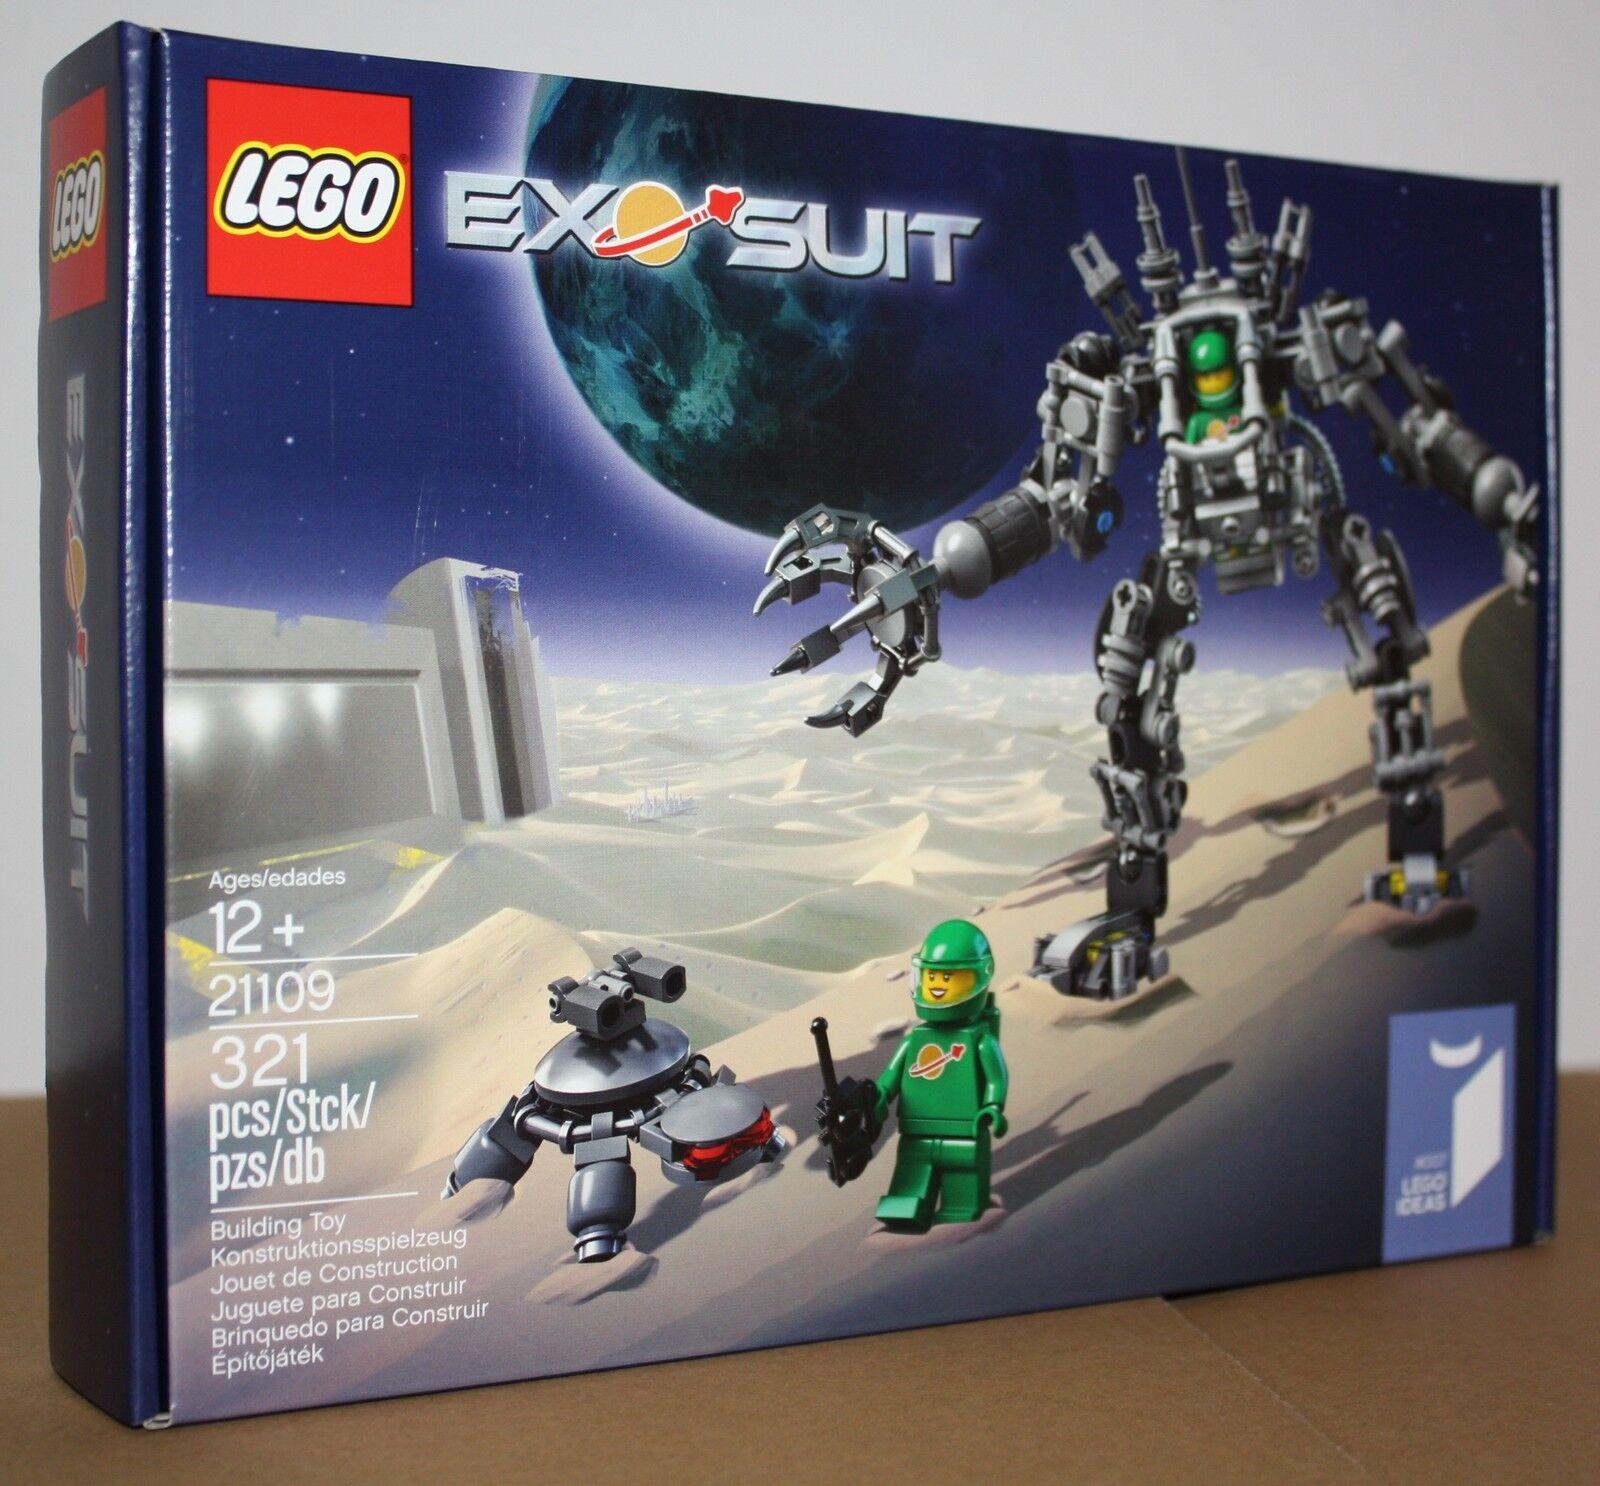 LEGO® IDEAS 21109 Exo Suit Neu & OVP    Ausreichende Versorgung